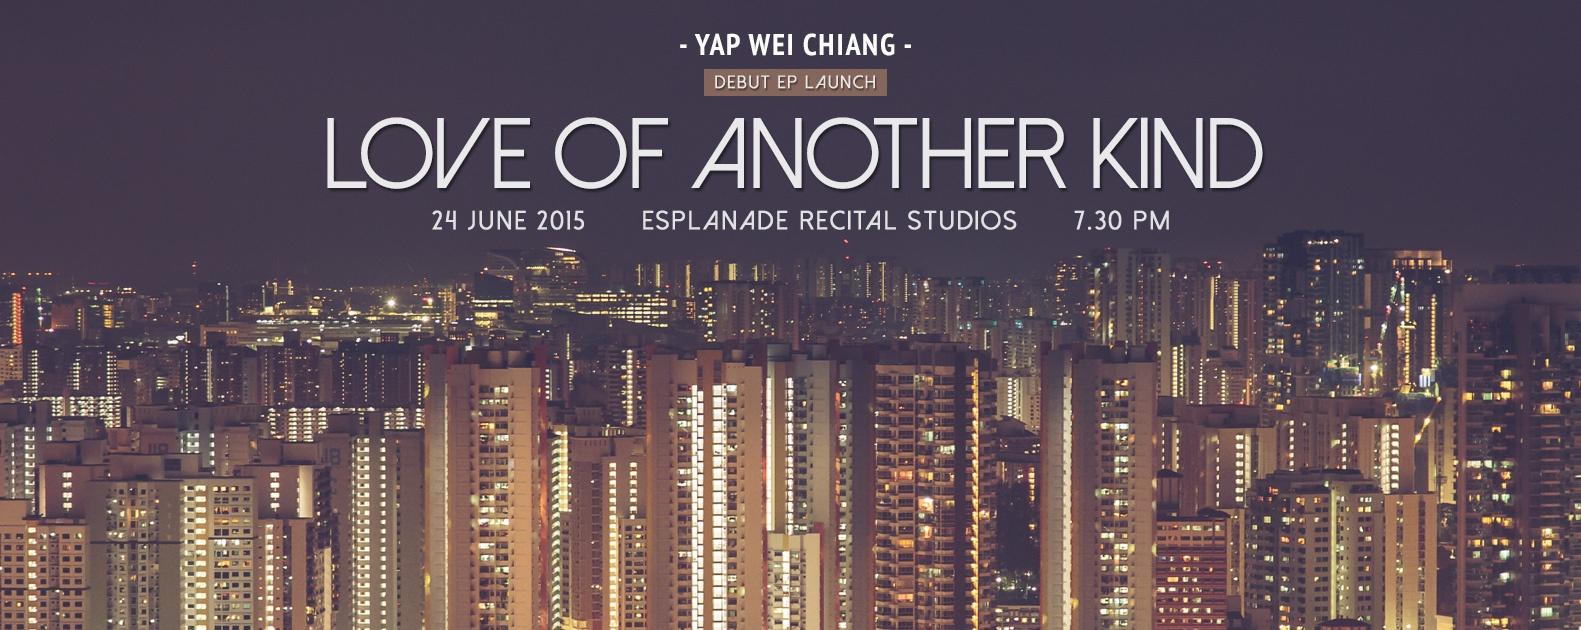 Yap Wei Chiang